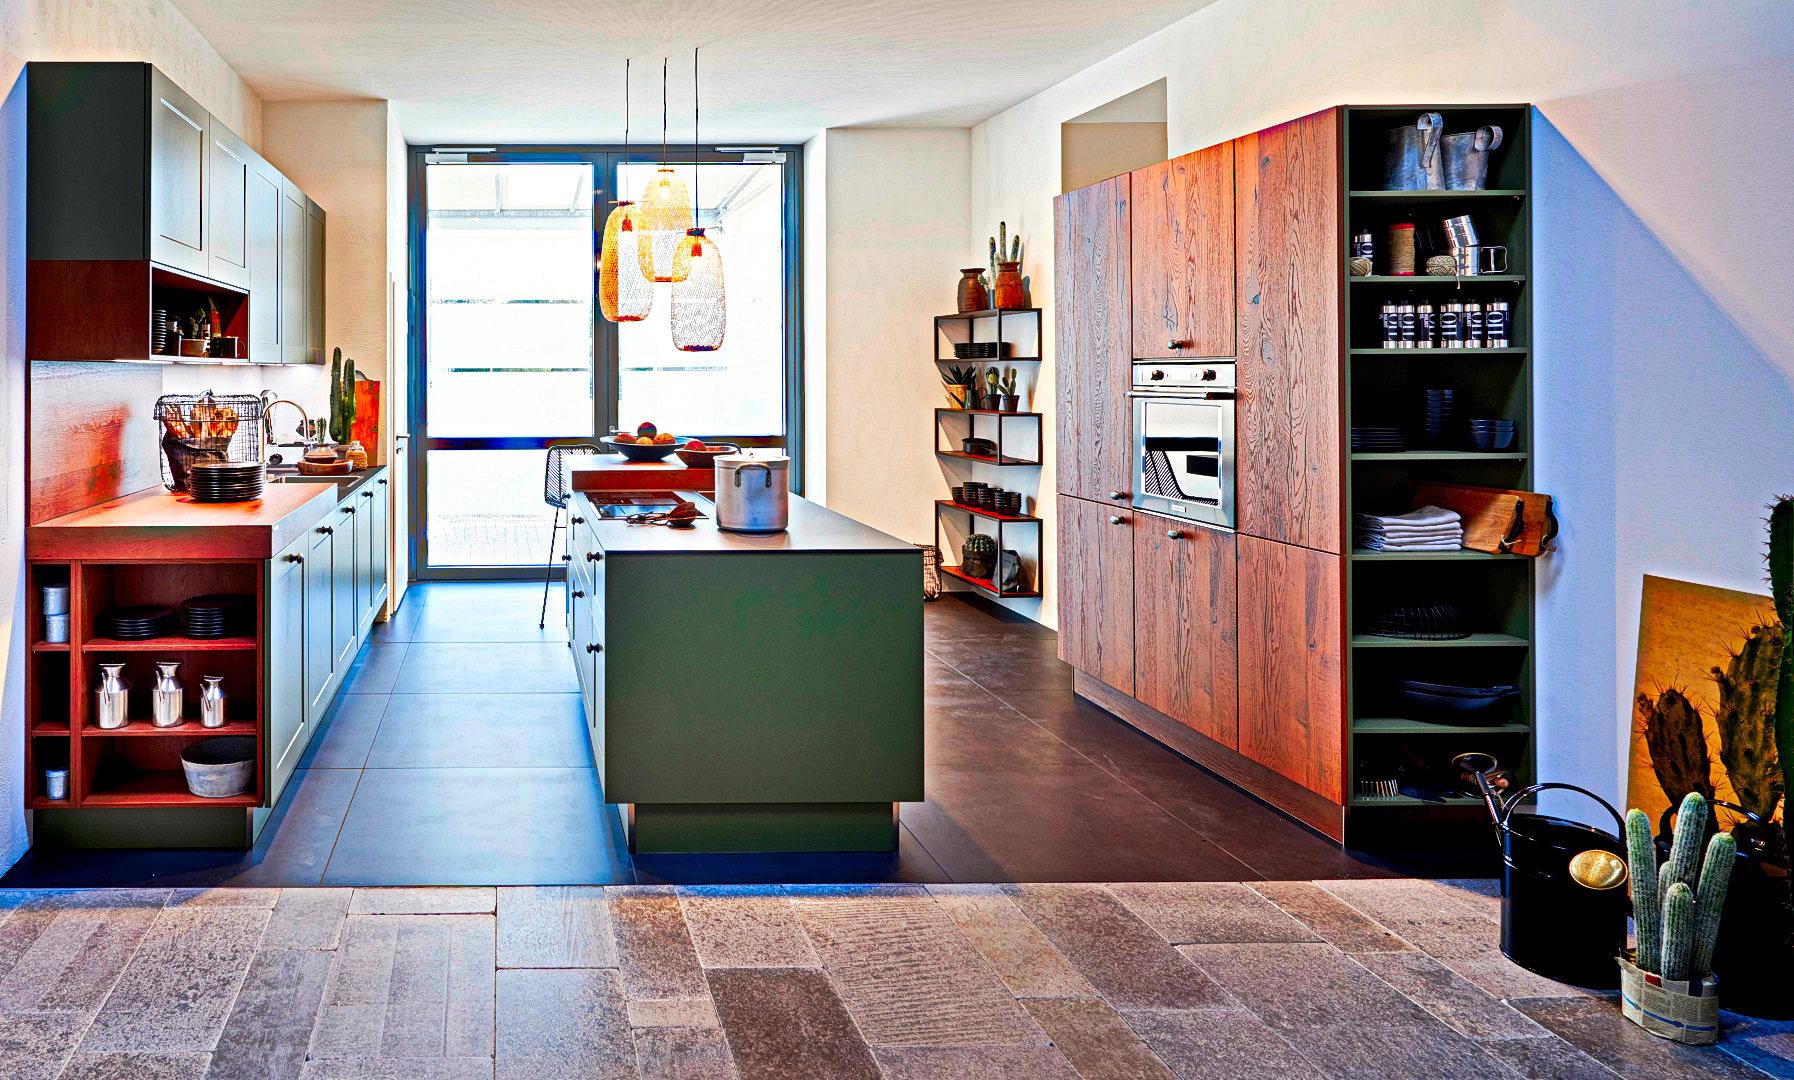 Full Size of Grne Kche Gnstig Kaufen 3d Planung Ihrer Grnen Qualitt Gebrauchte Küche Verkaufen Hängeschränke Teppich Bank Einbauküche Günstig Landhausküche Gebraucht Wohnzimmer Ikea Küche Grün